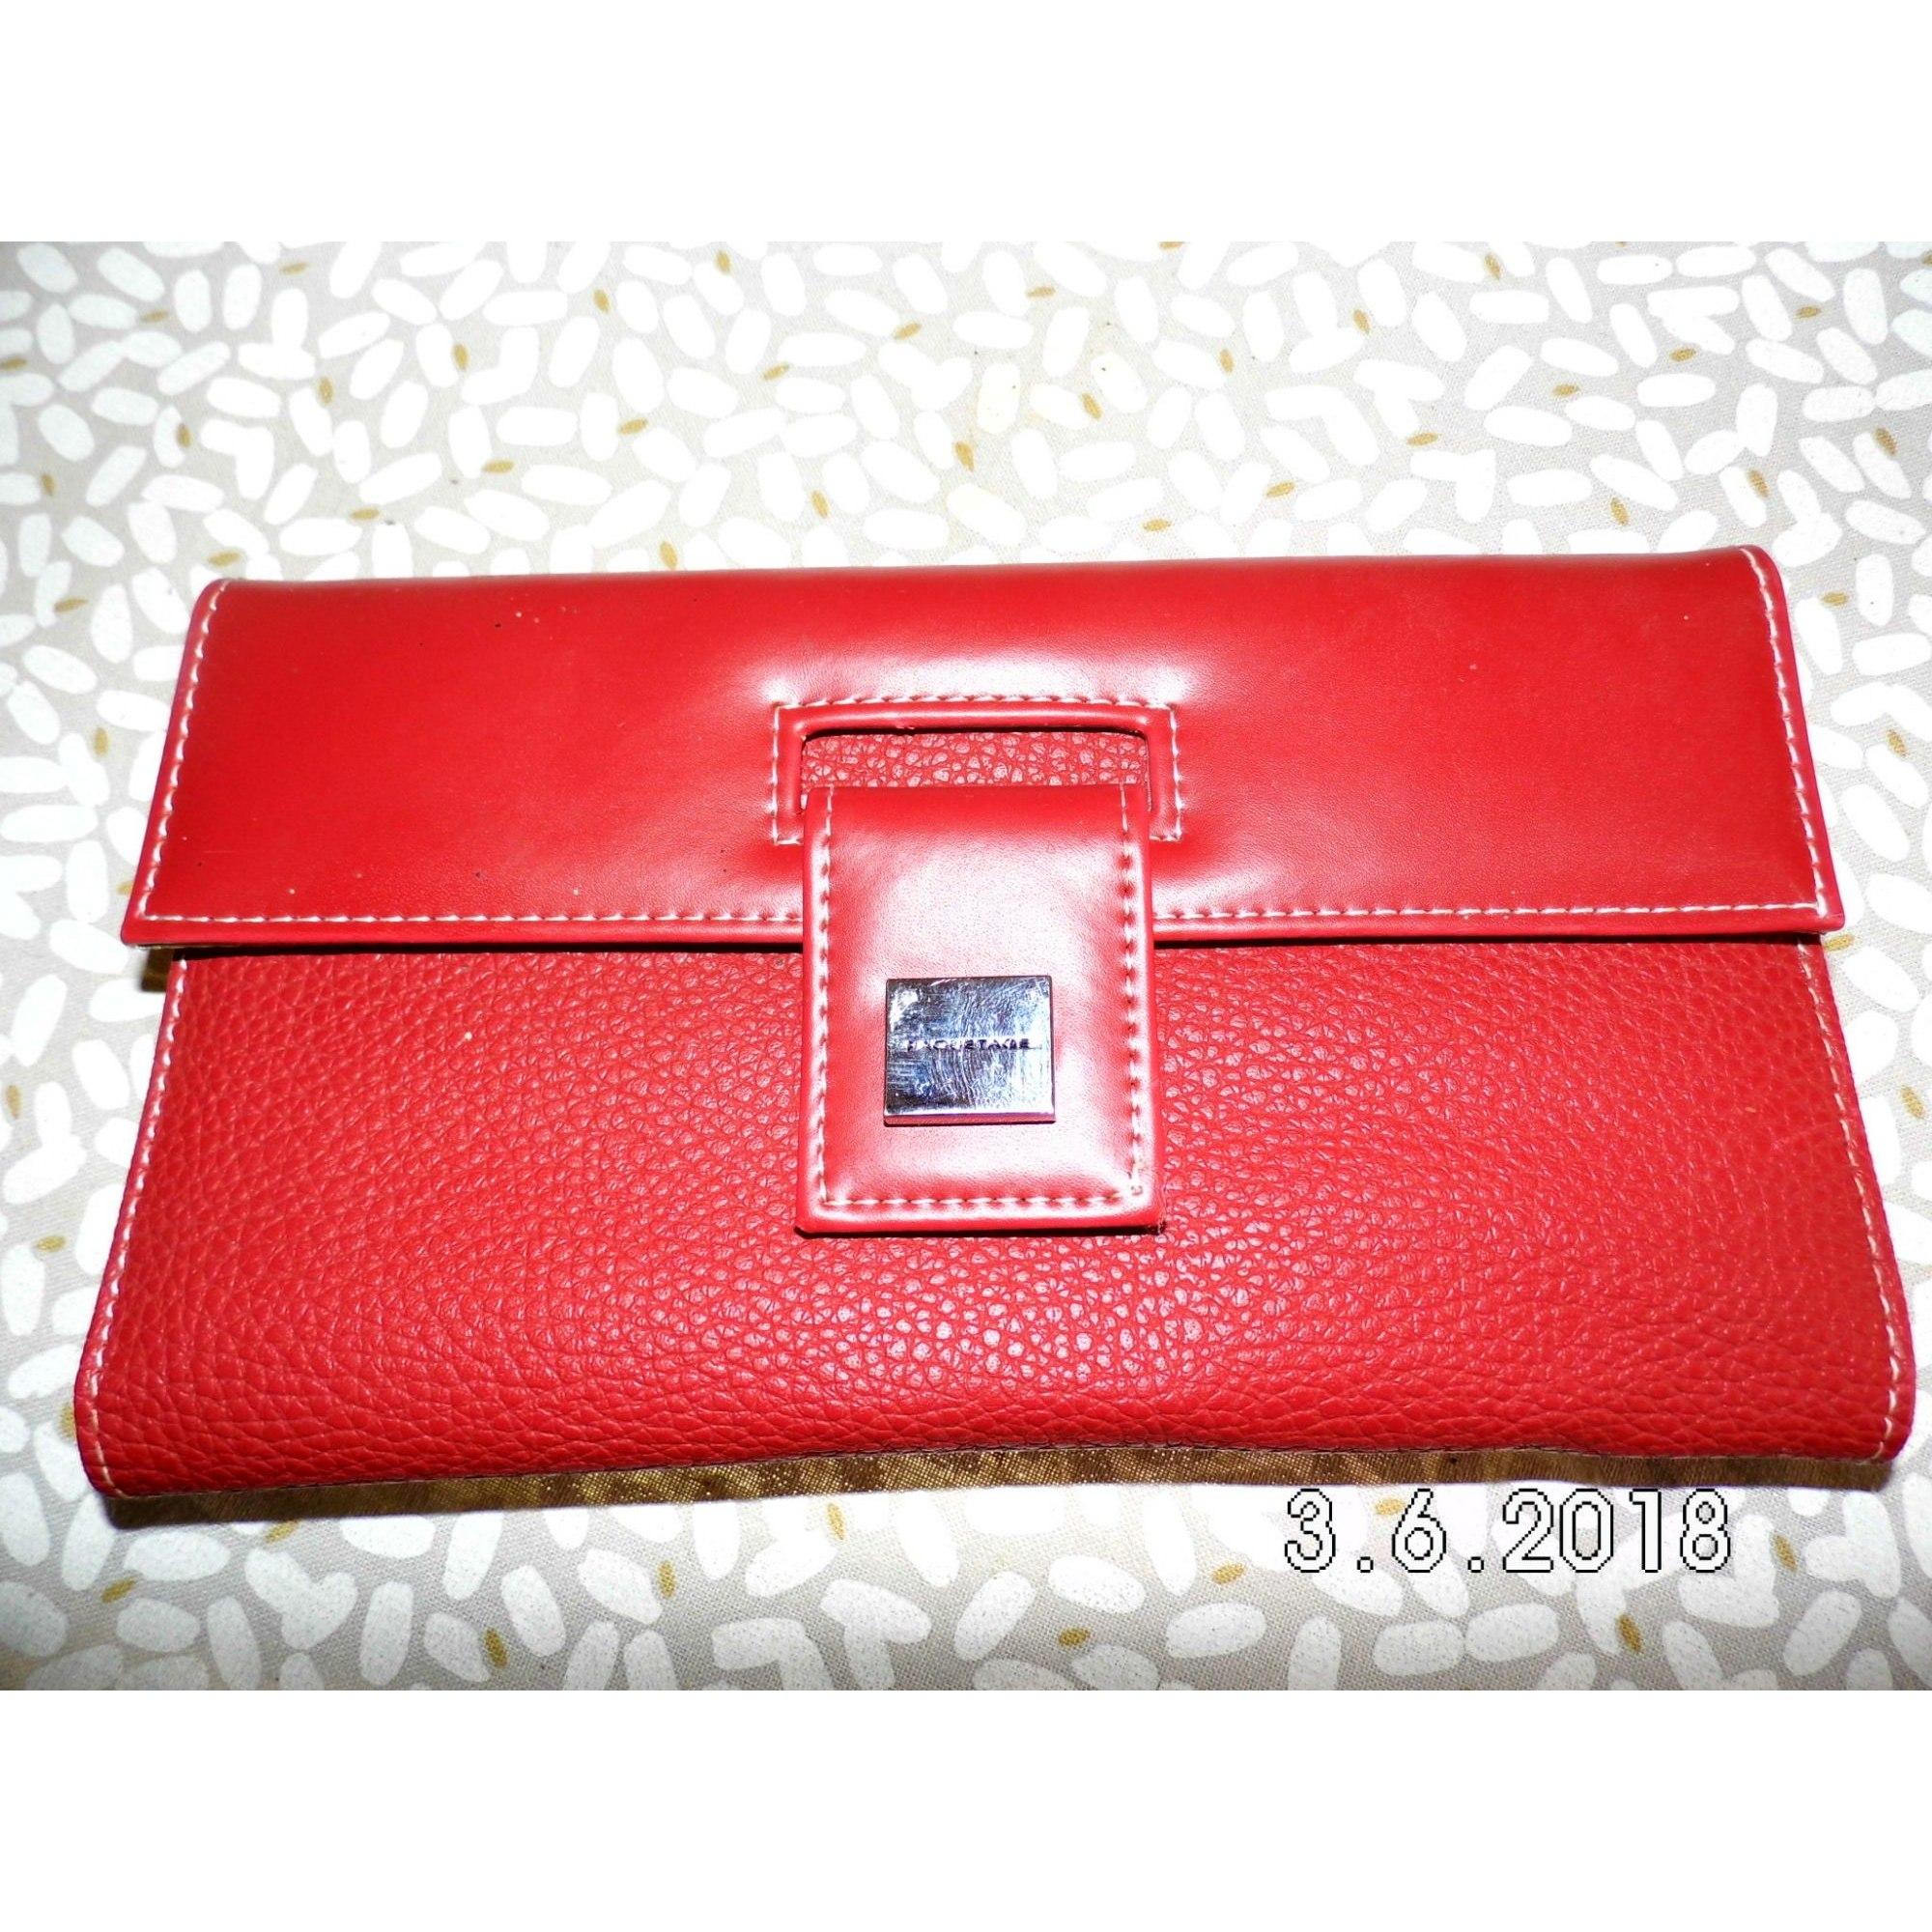 Porte-chéquier PAQUETAGE rouge vendu par Monik546296 - 7737010 87ccc3158a4